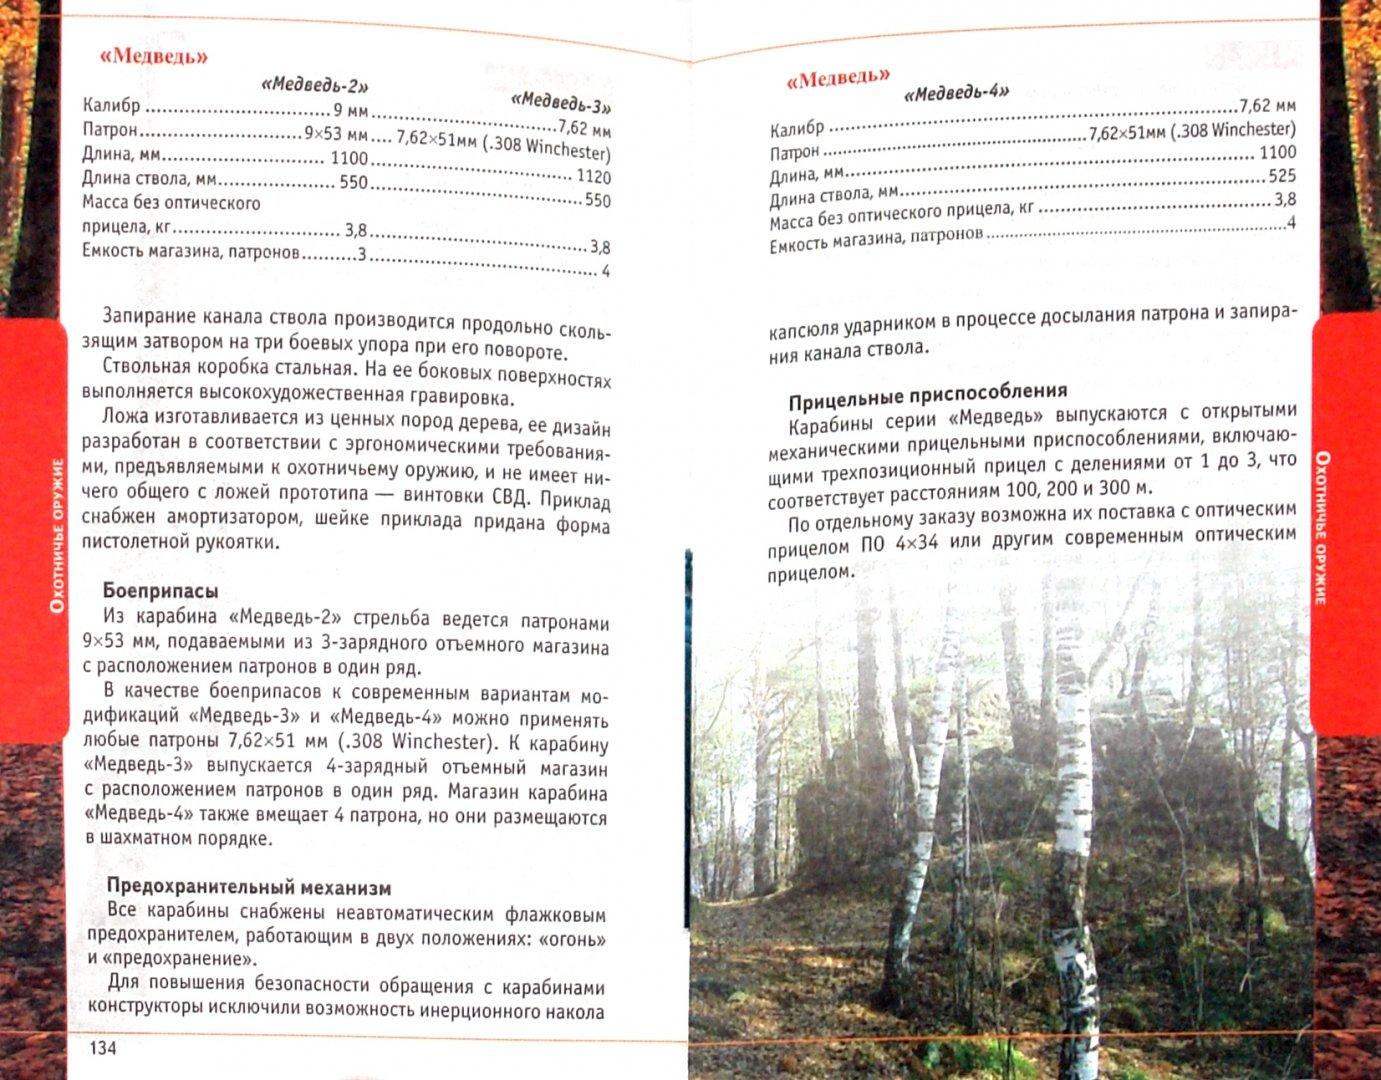 Иллюстрация 1 из 7 для Охота - Ликсо, Виноградов, Шунков | Лабиринт - книги. Источник: Лабиринт